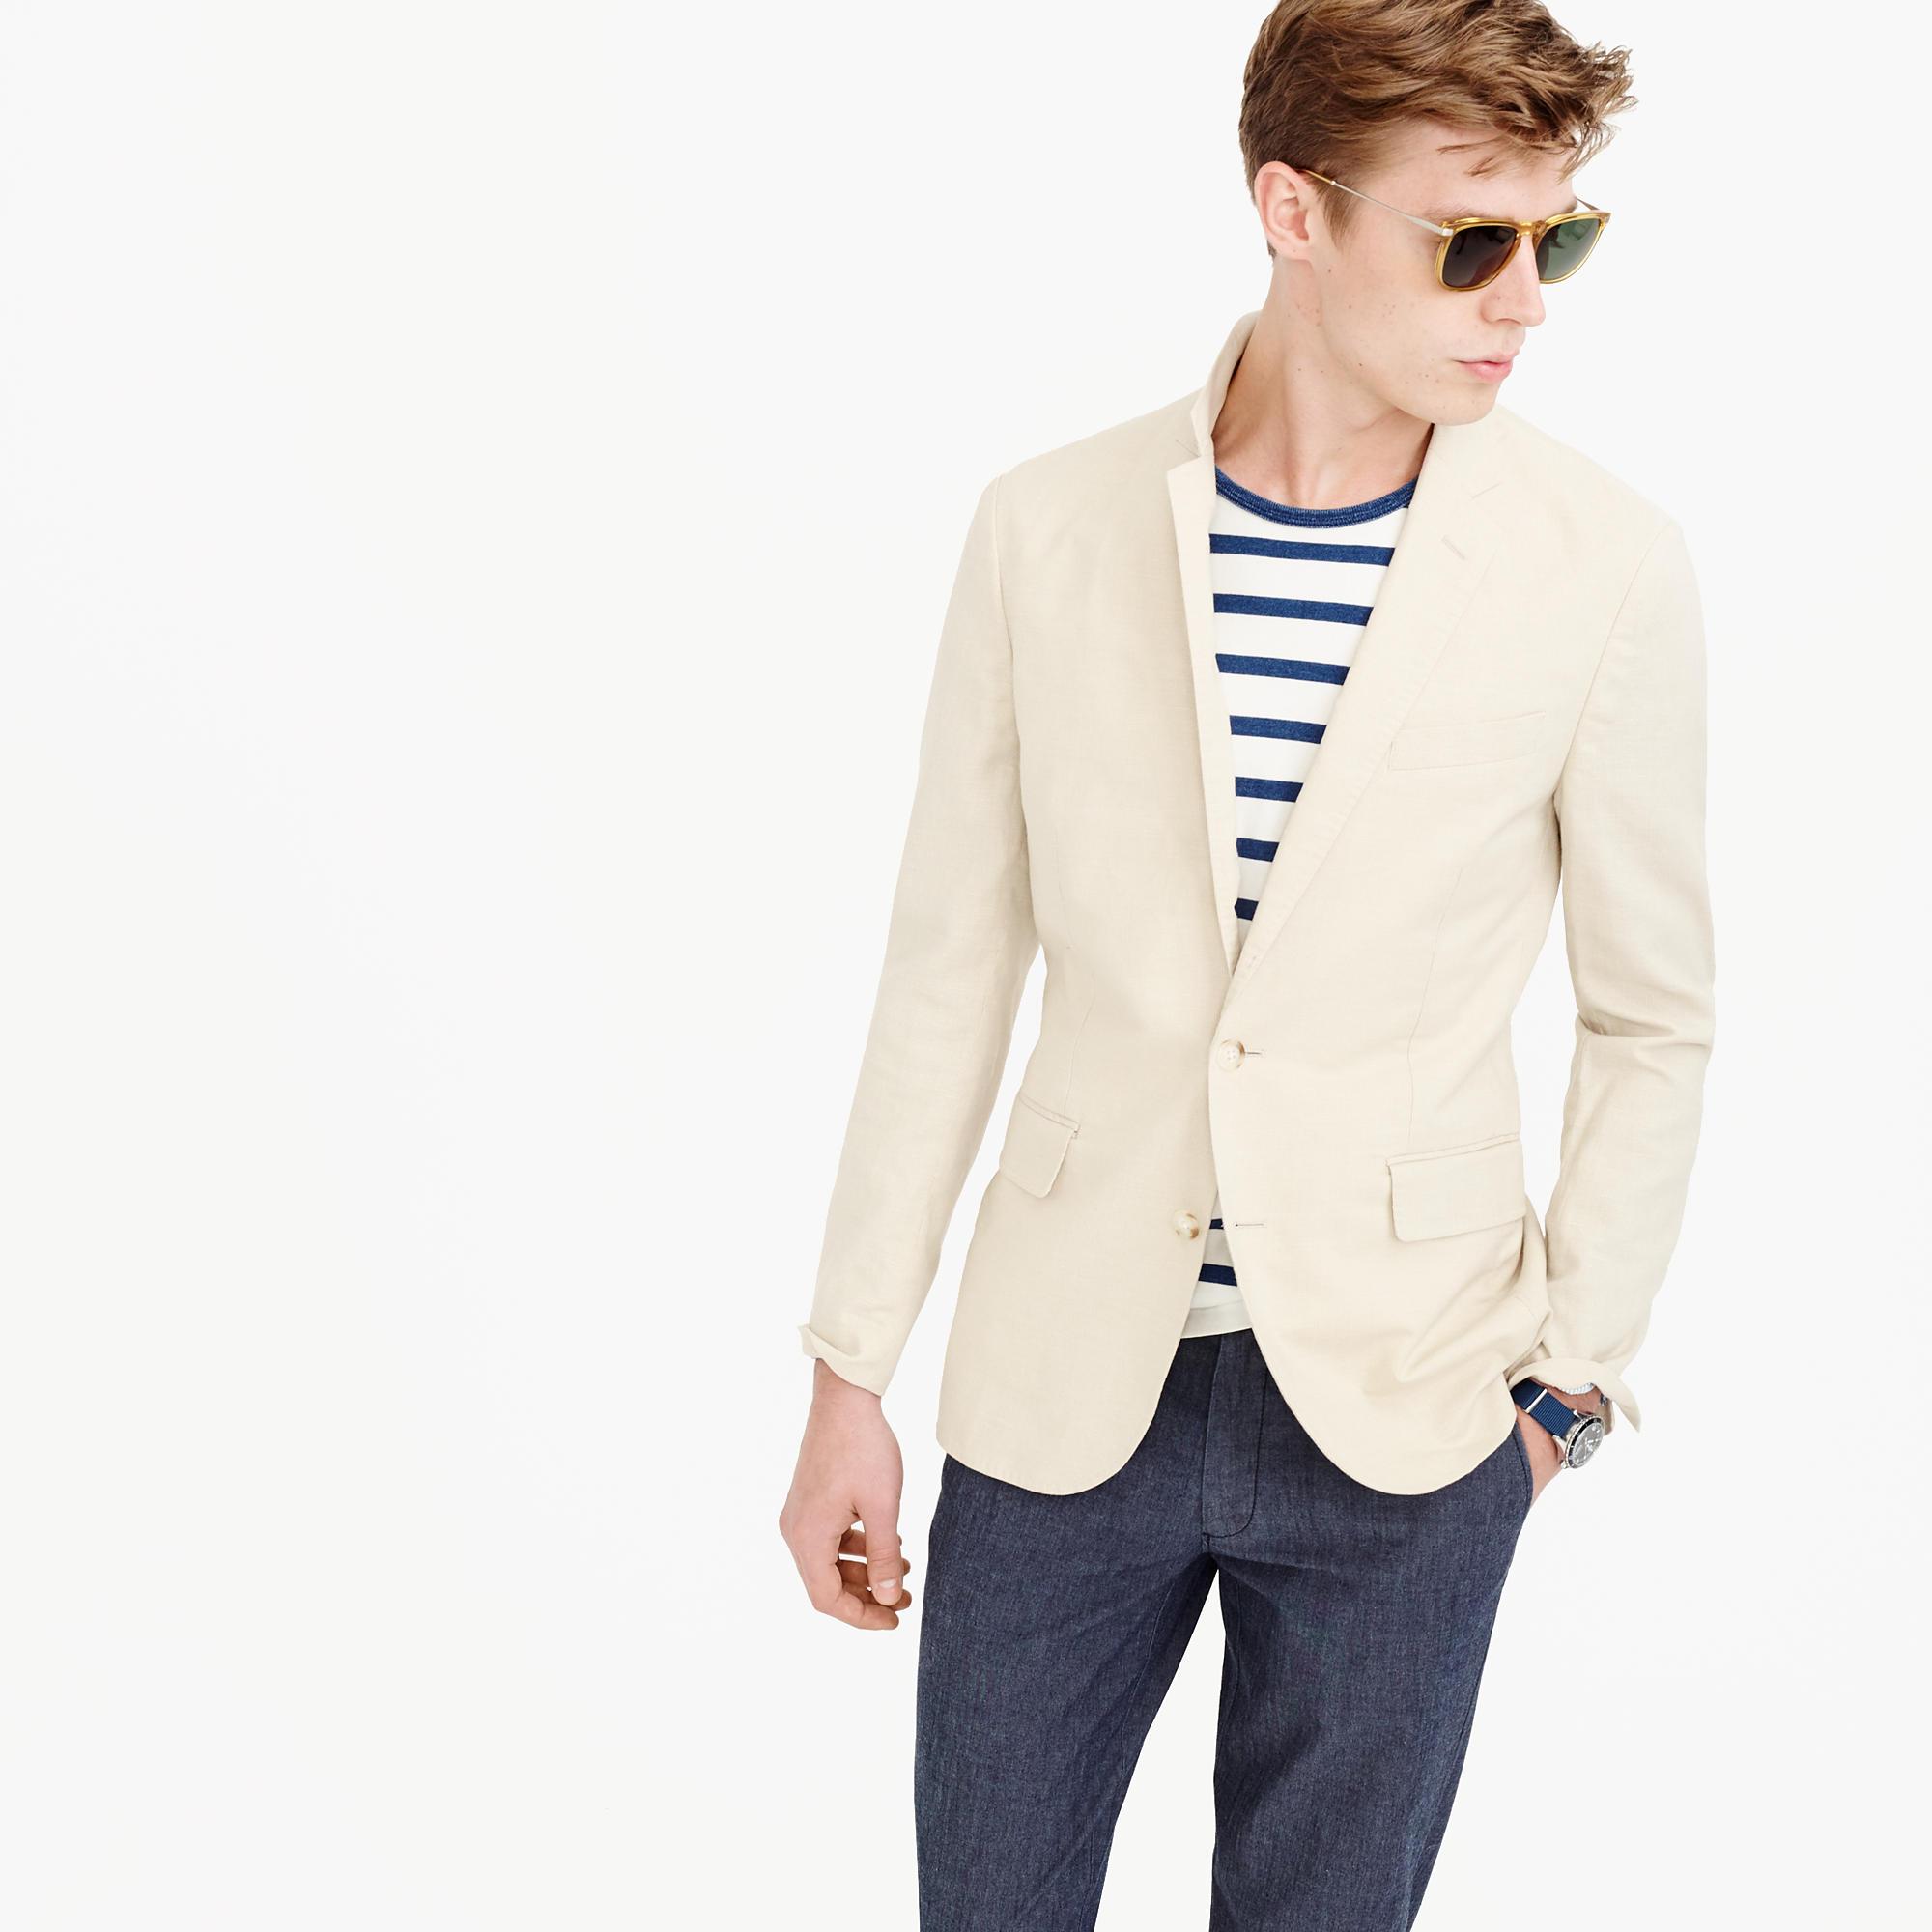 Men's Jackets & Blazers : Men's Sportcoats & Vests | J.Crew